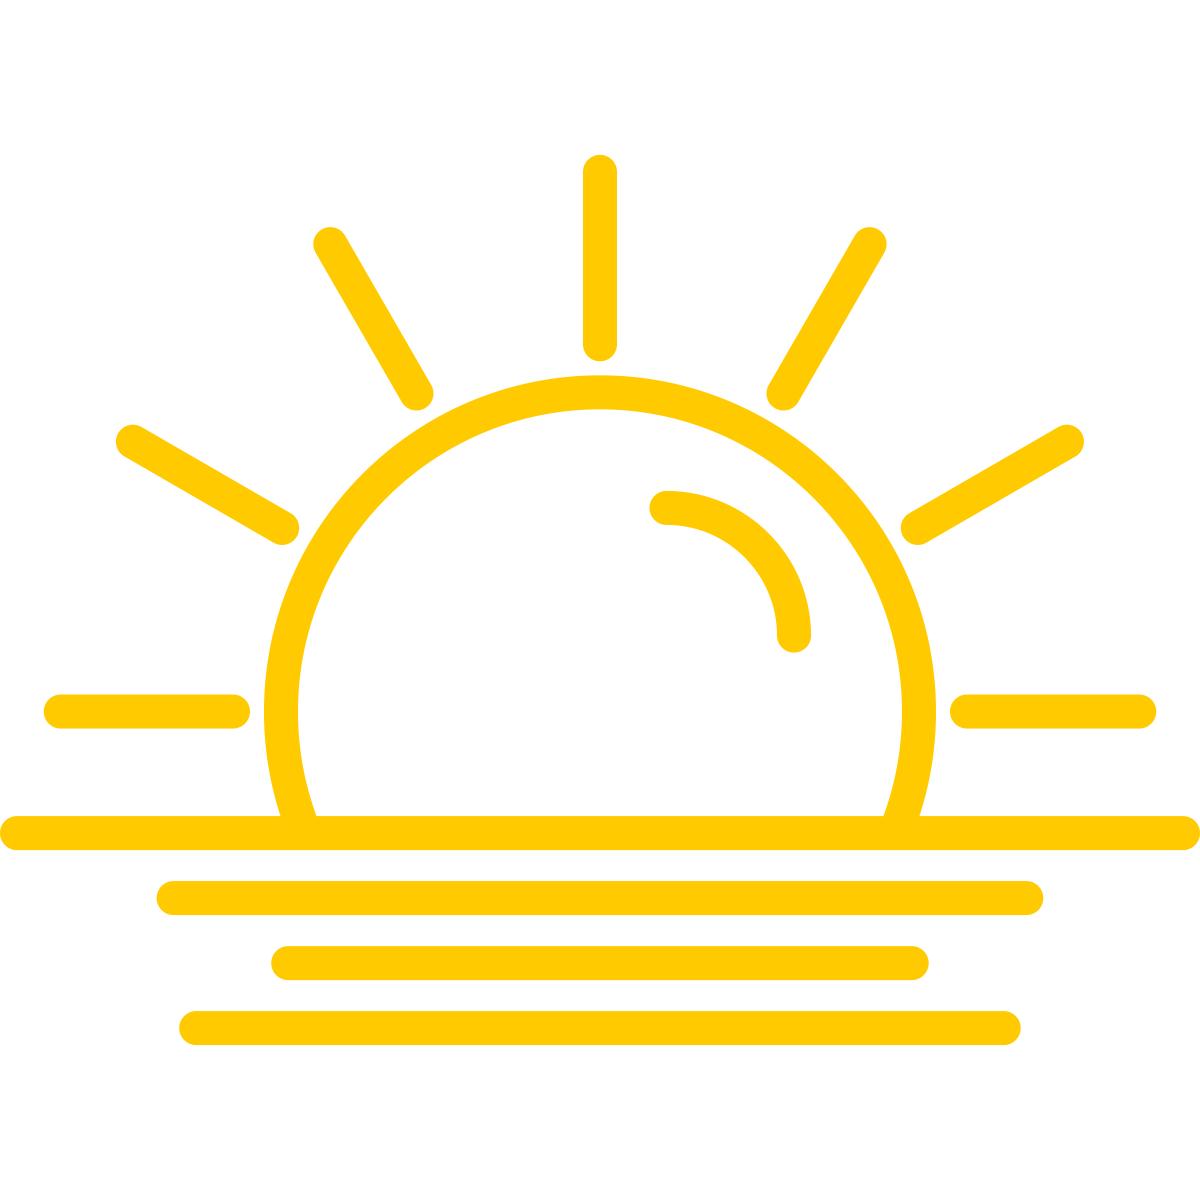 noun_sun_2442863_ffcb00.png